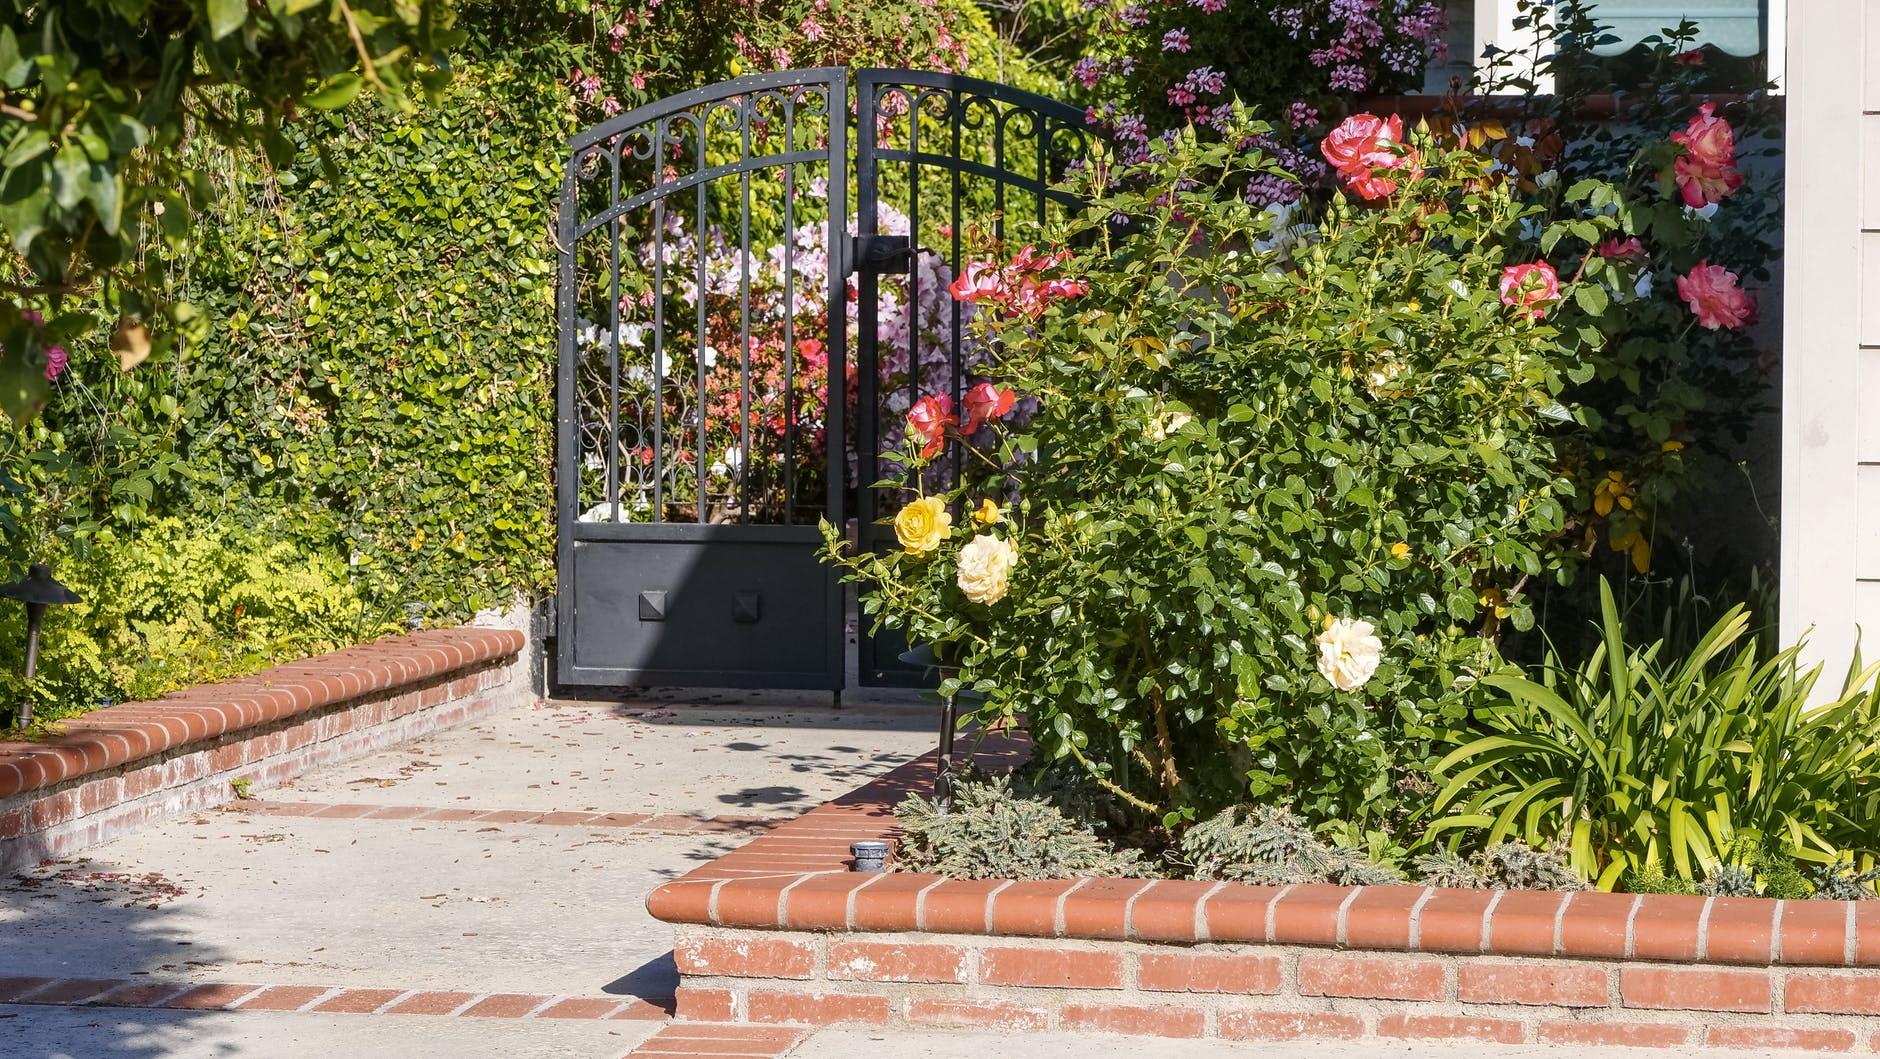 black metal gate near green plants